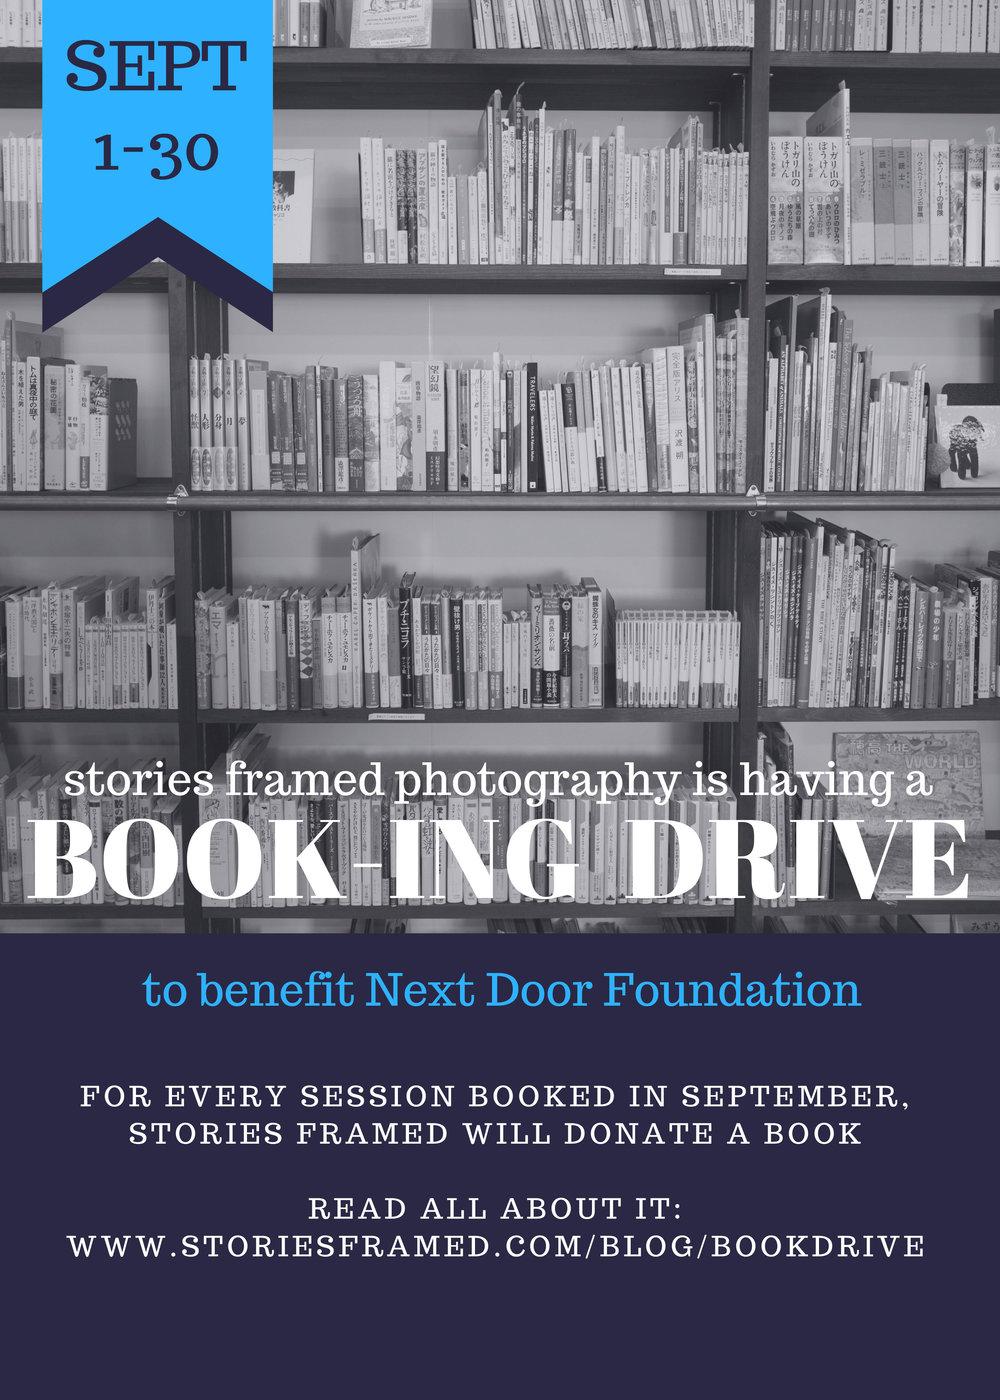 SFP-NextDoorMKE-BookDriveWEB.jpg